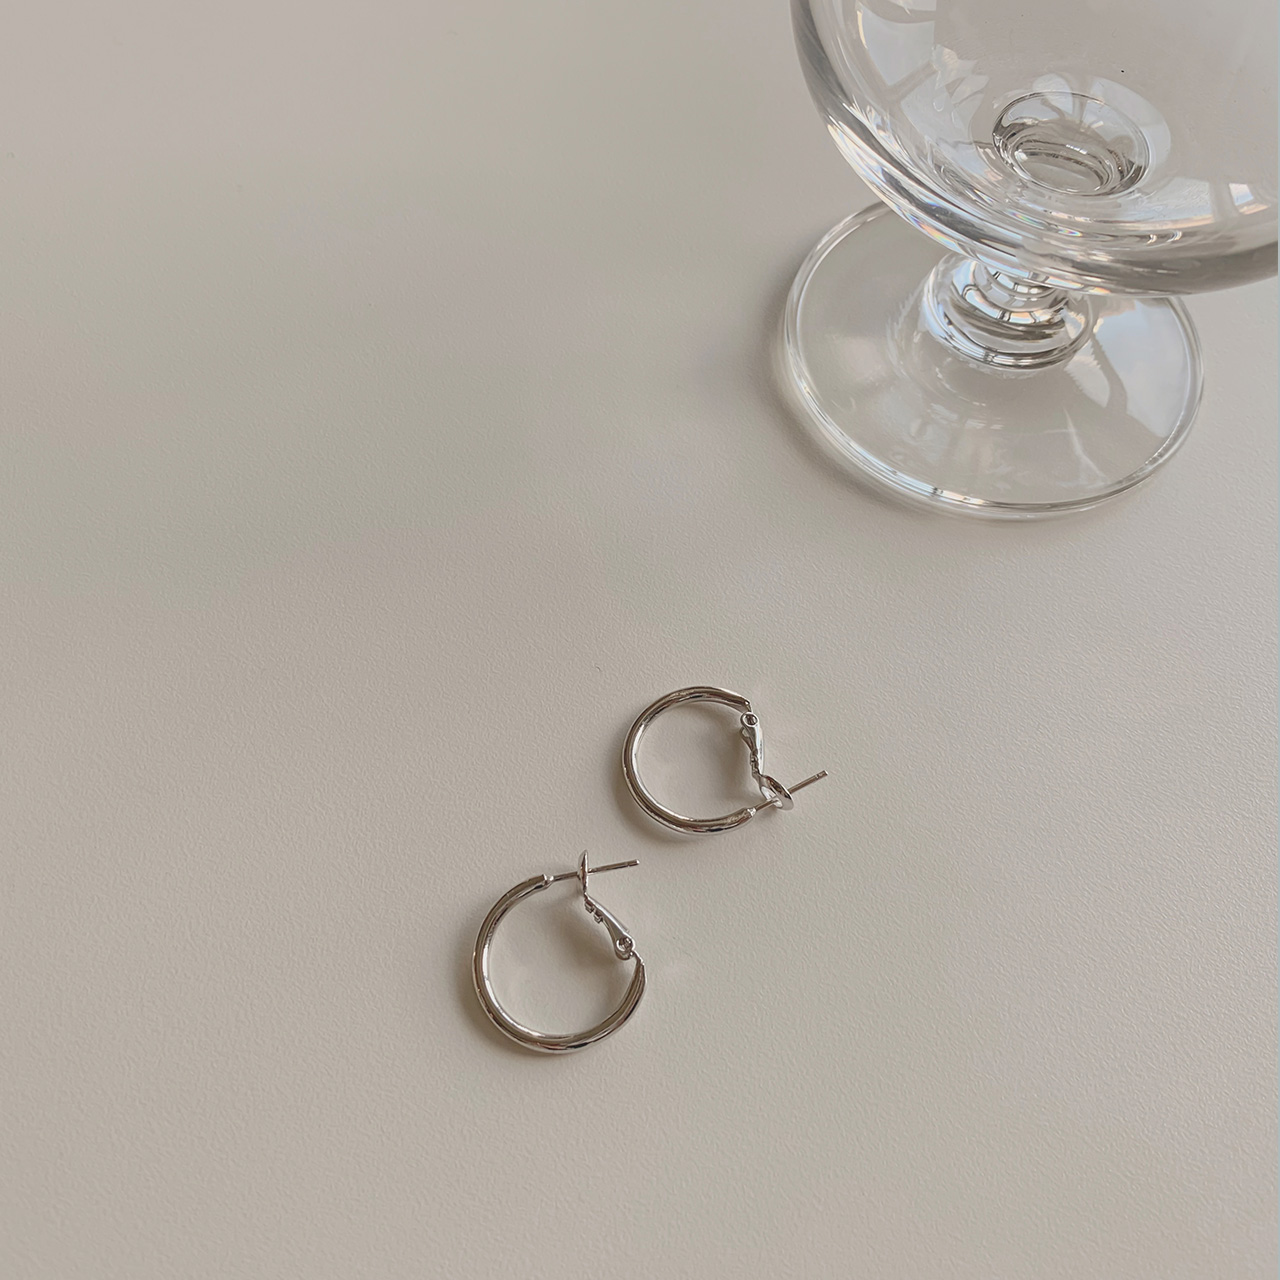 Basic Silver Ring